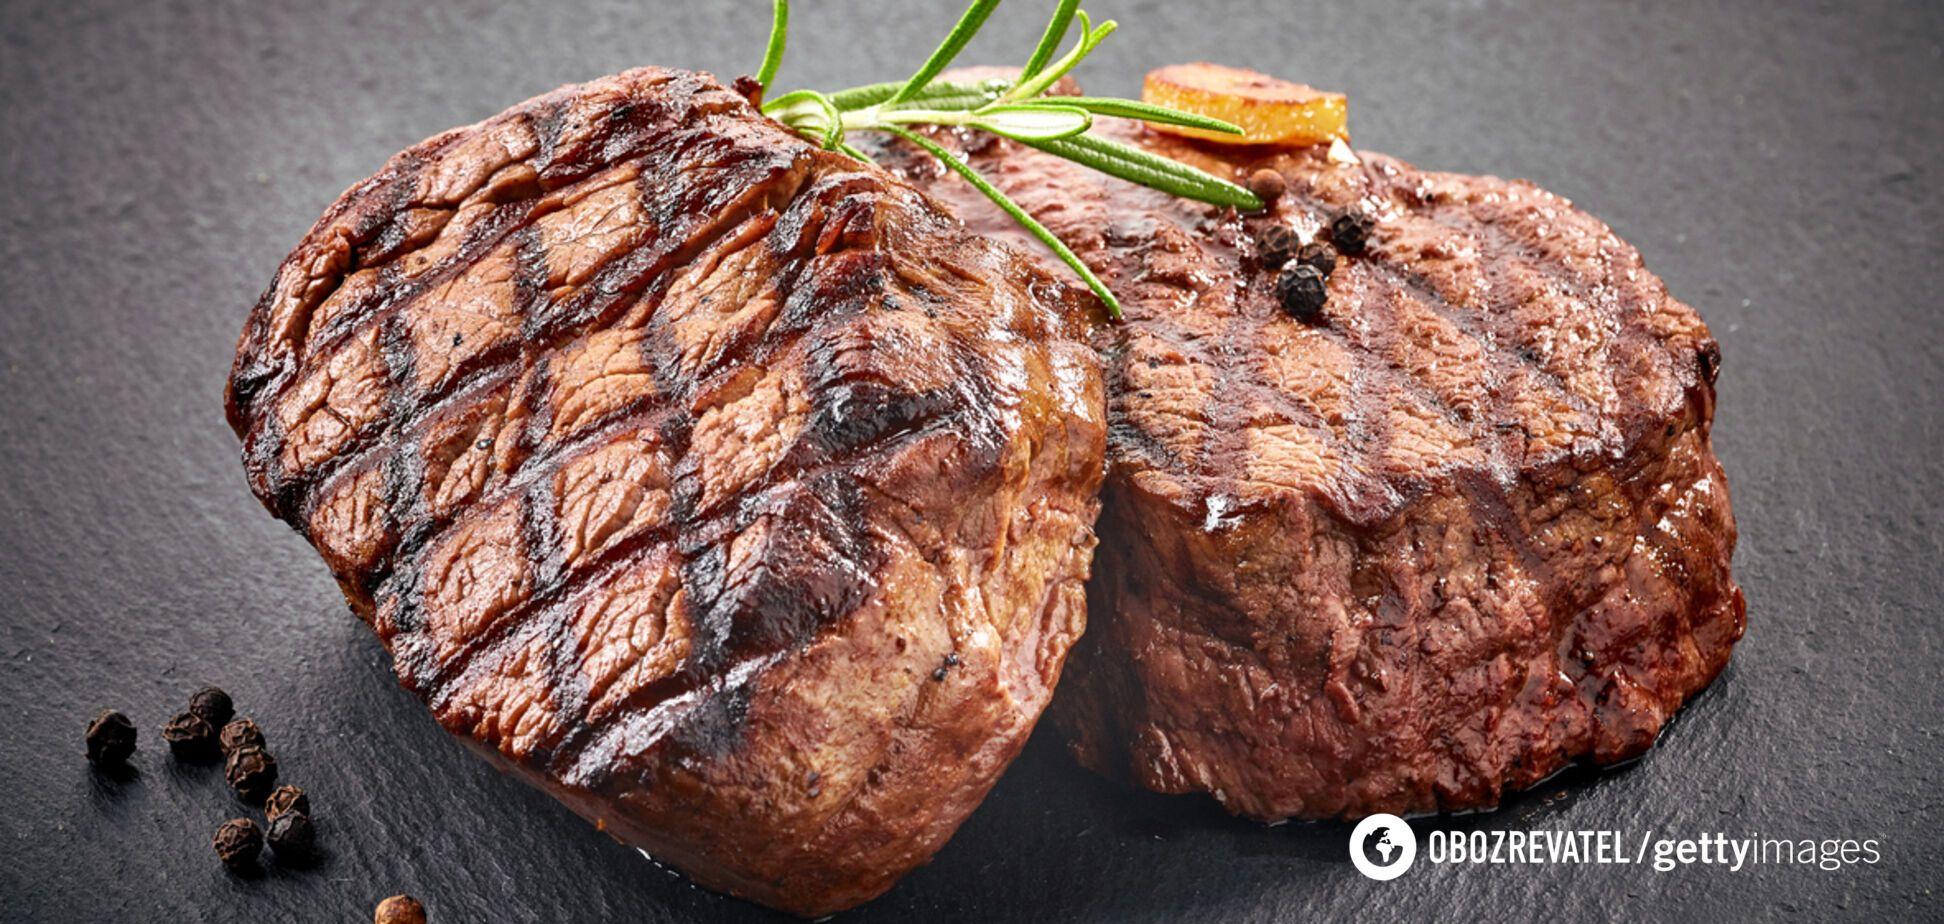 Шеф-повара раскрыли секреты идеального стейка на гриле